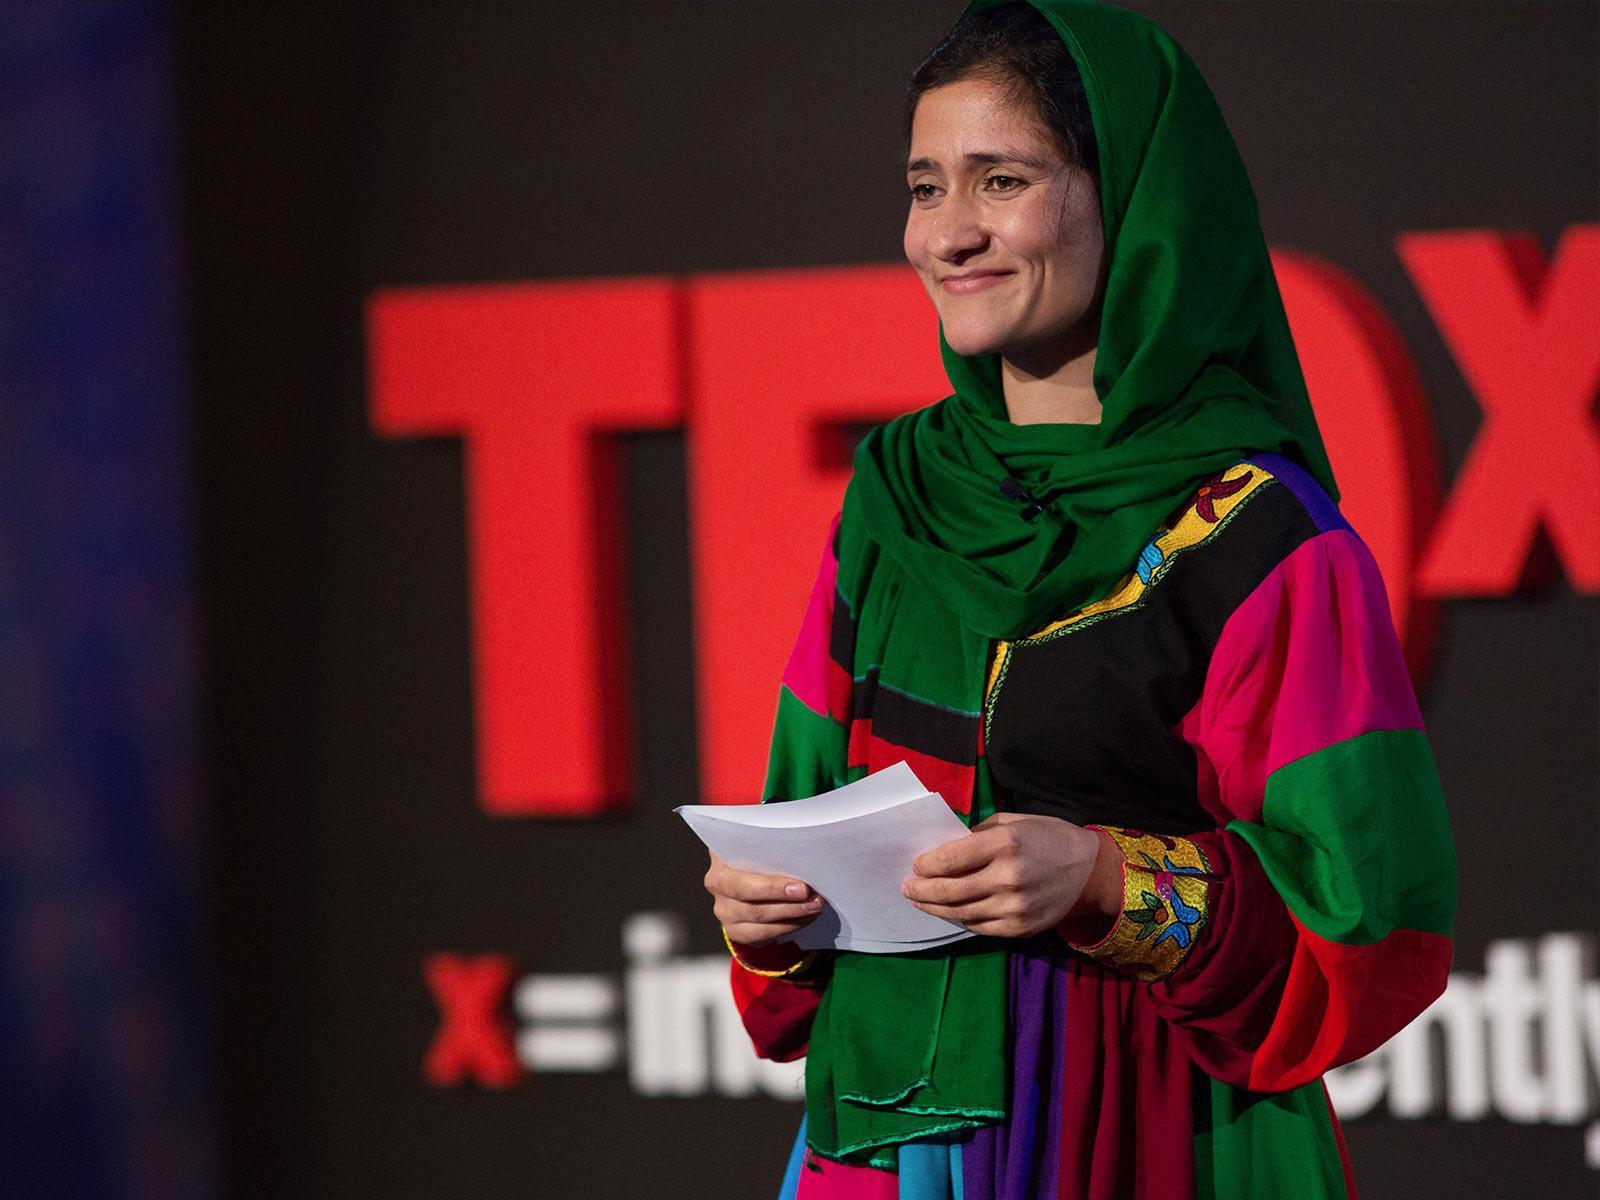 via www.ted.com